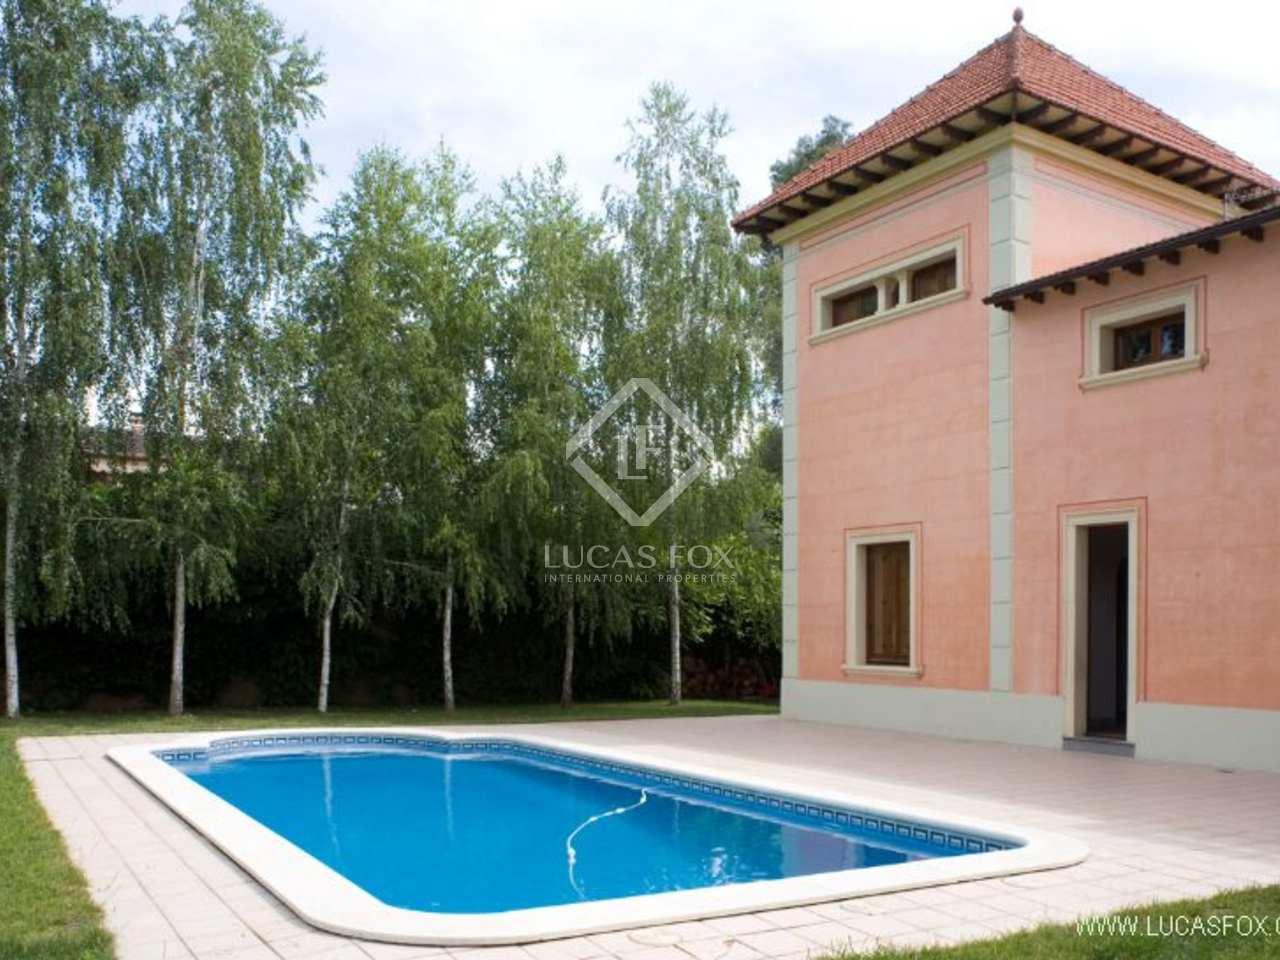 Maison villa de 468m a louer sant cugat barcelone - Location maison piscine barcelone ...